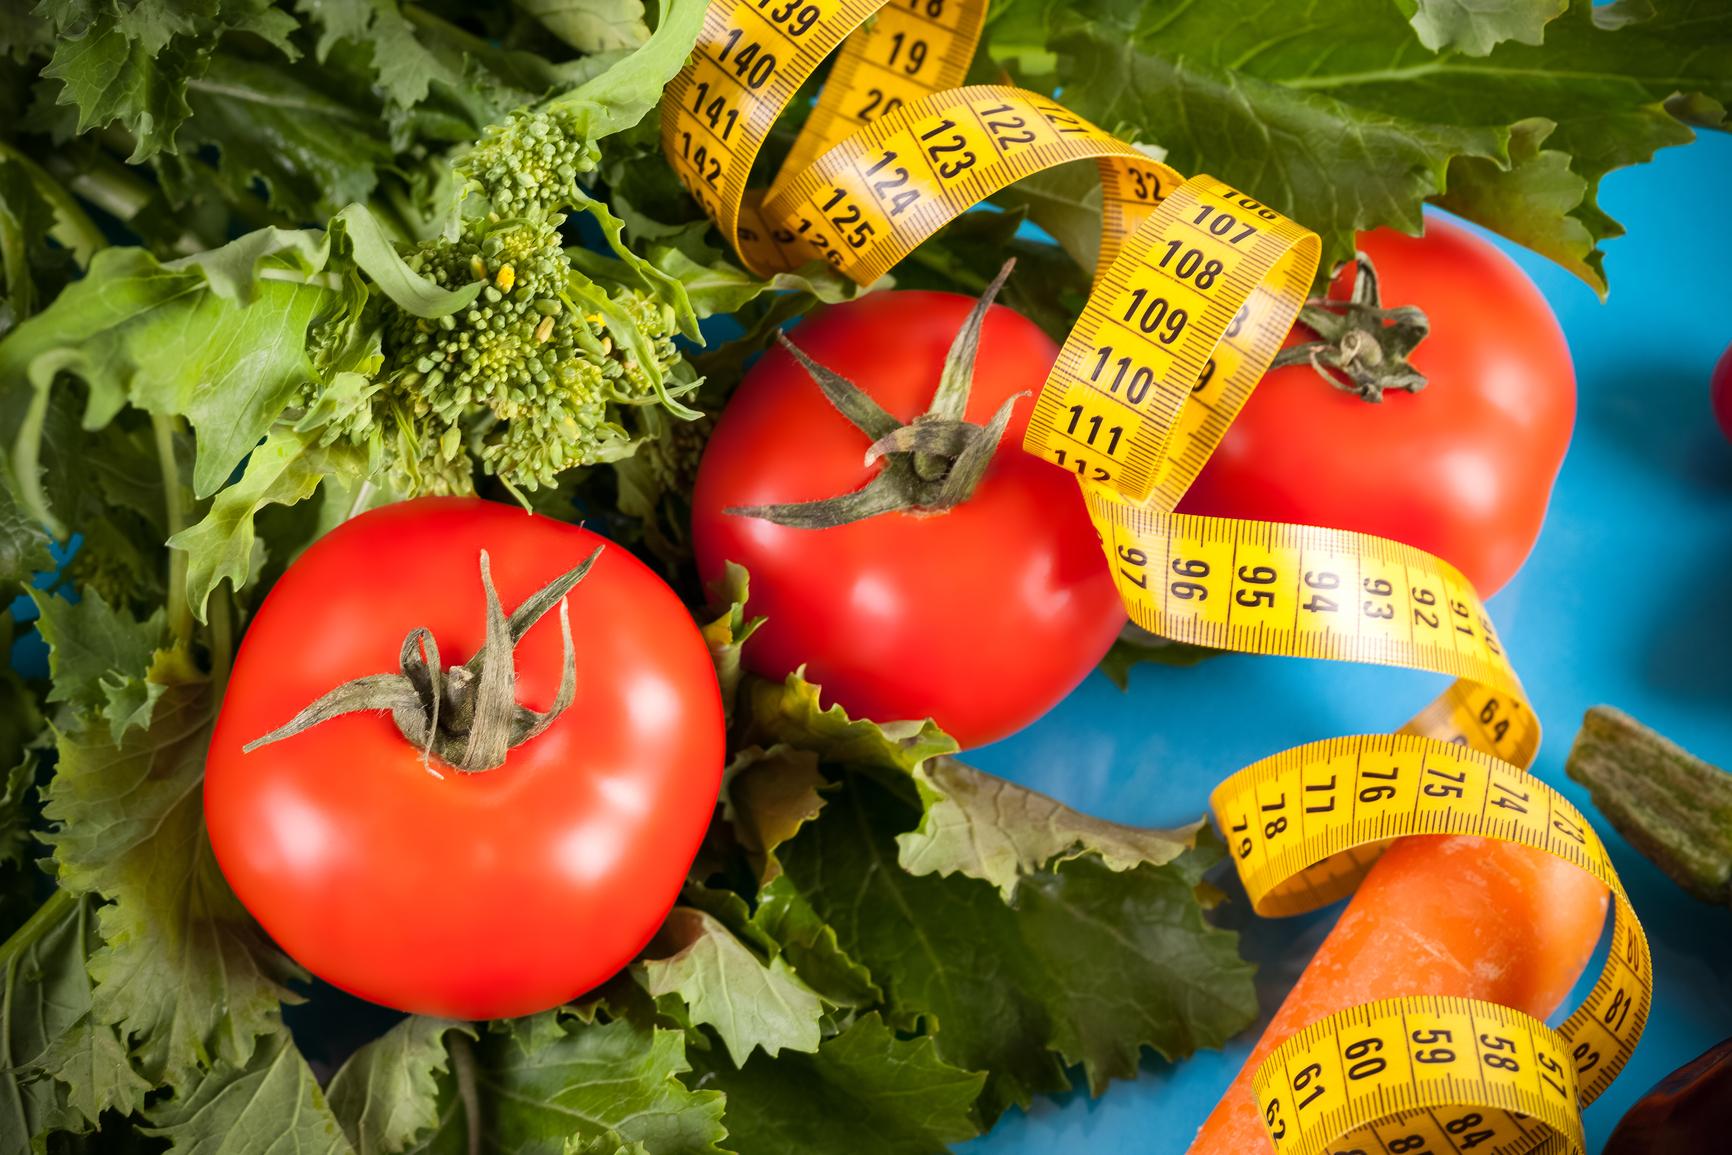 Полезен Ли Помидор Для Похудения. Все диетические секреты томатов